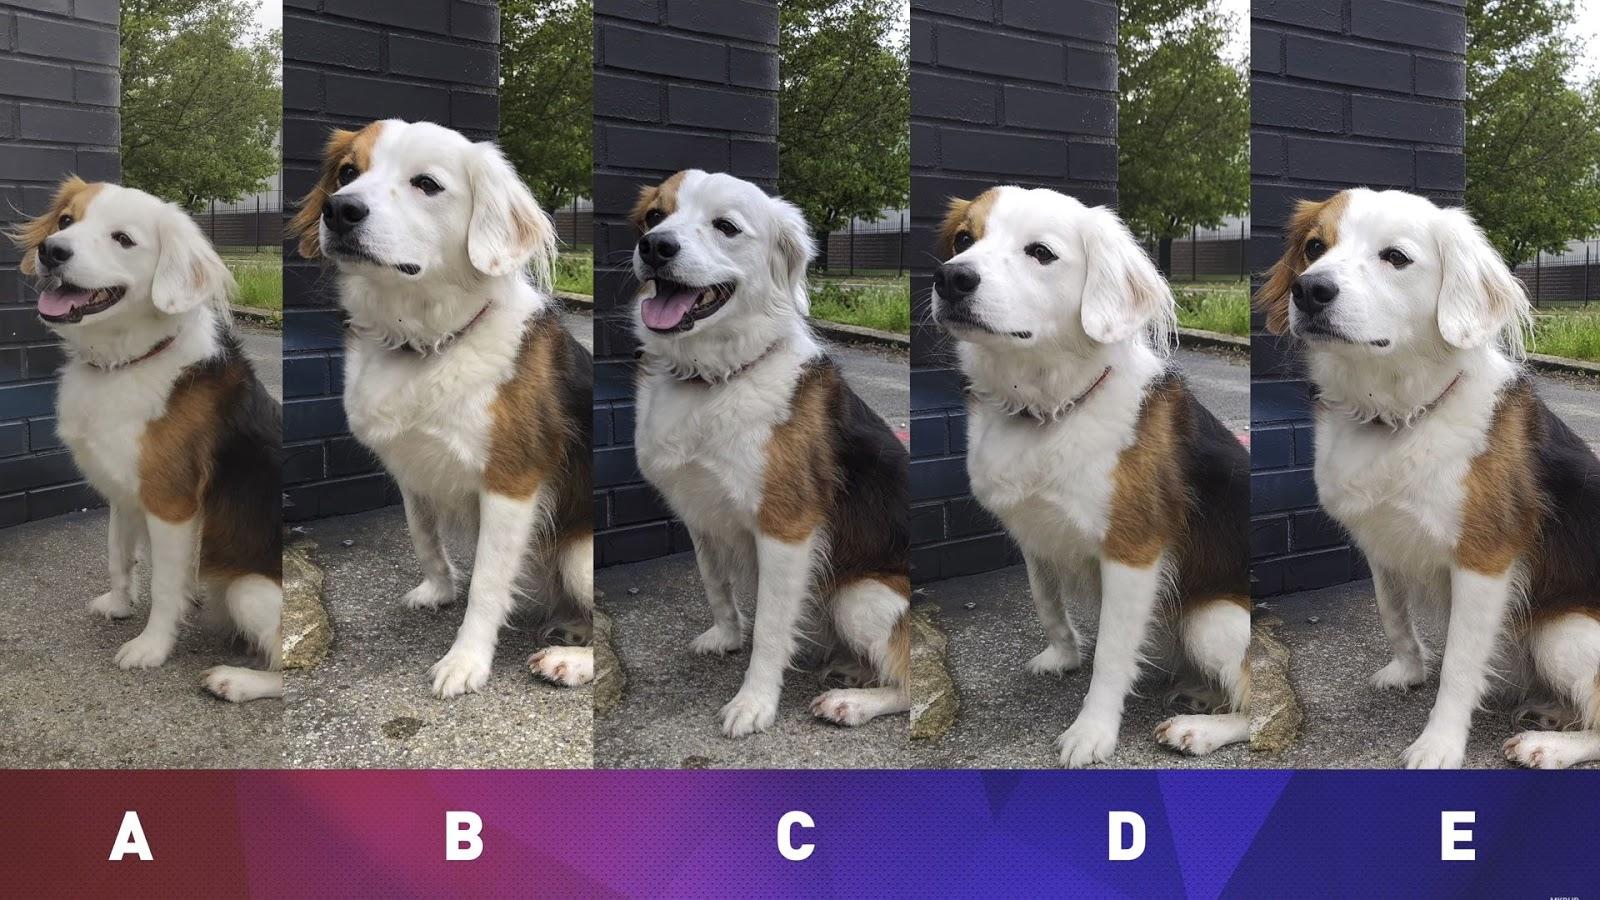 Сравнение камер iPhone X, Huawei P20 Pro, OnePlus 6, Google Pixel 2 XL и Samsung Galaxy S9+ при съемке животных